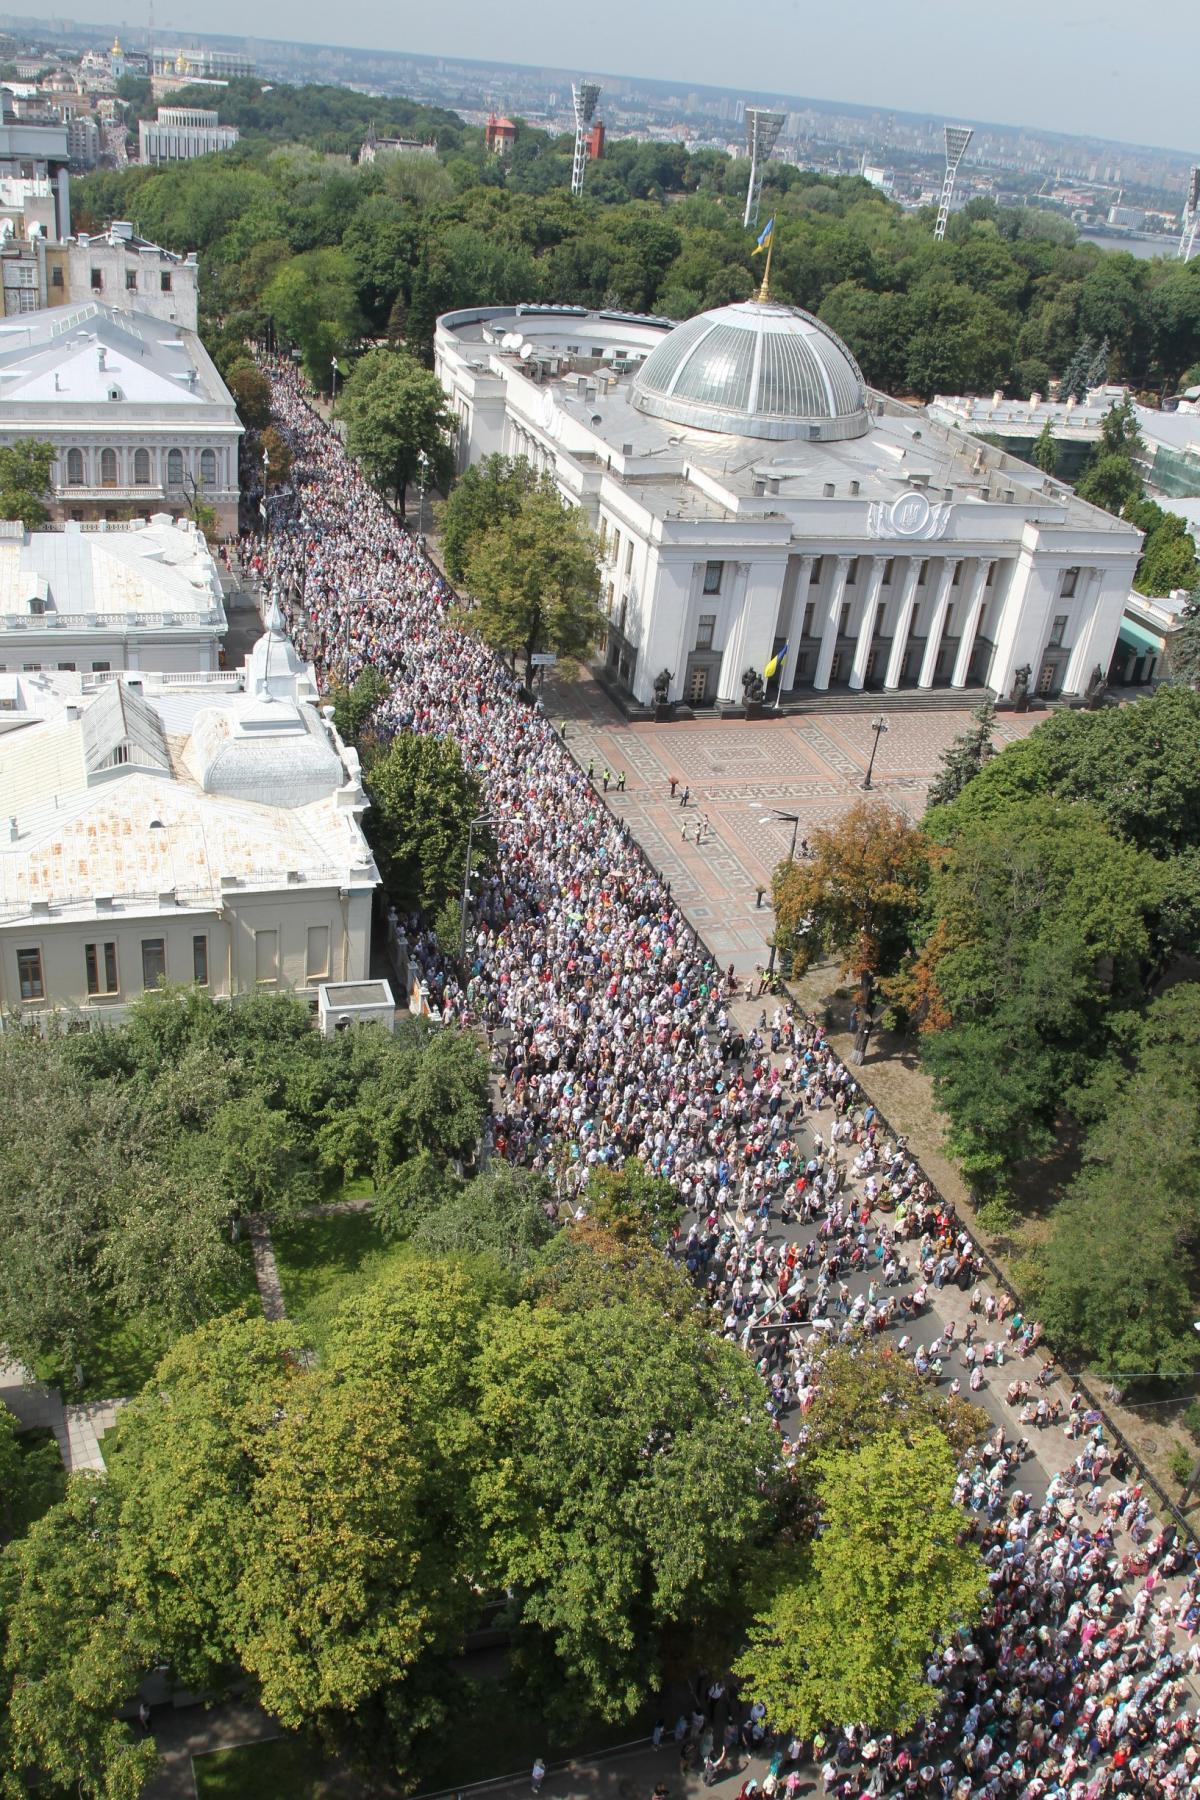 Участники Крестного хода - 2017 на улице Грушевского в Киеве / vera.foma.in.ua